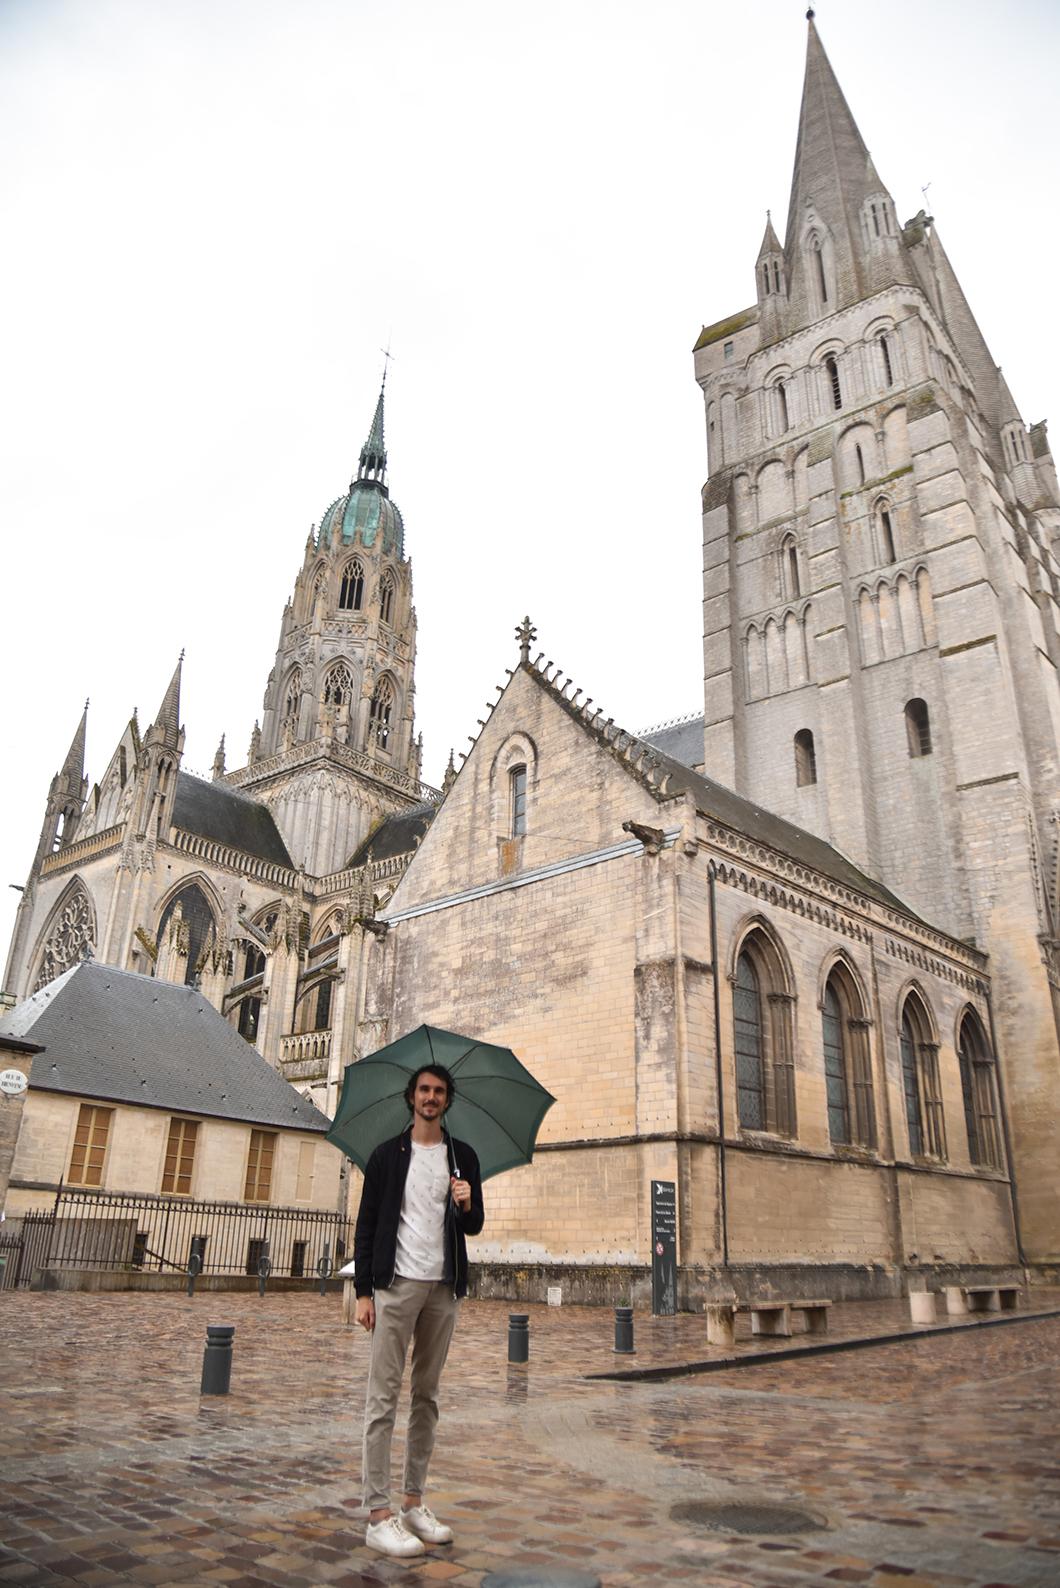 Découvrir la Cathédrale de Bayeux